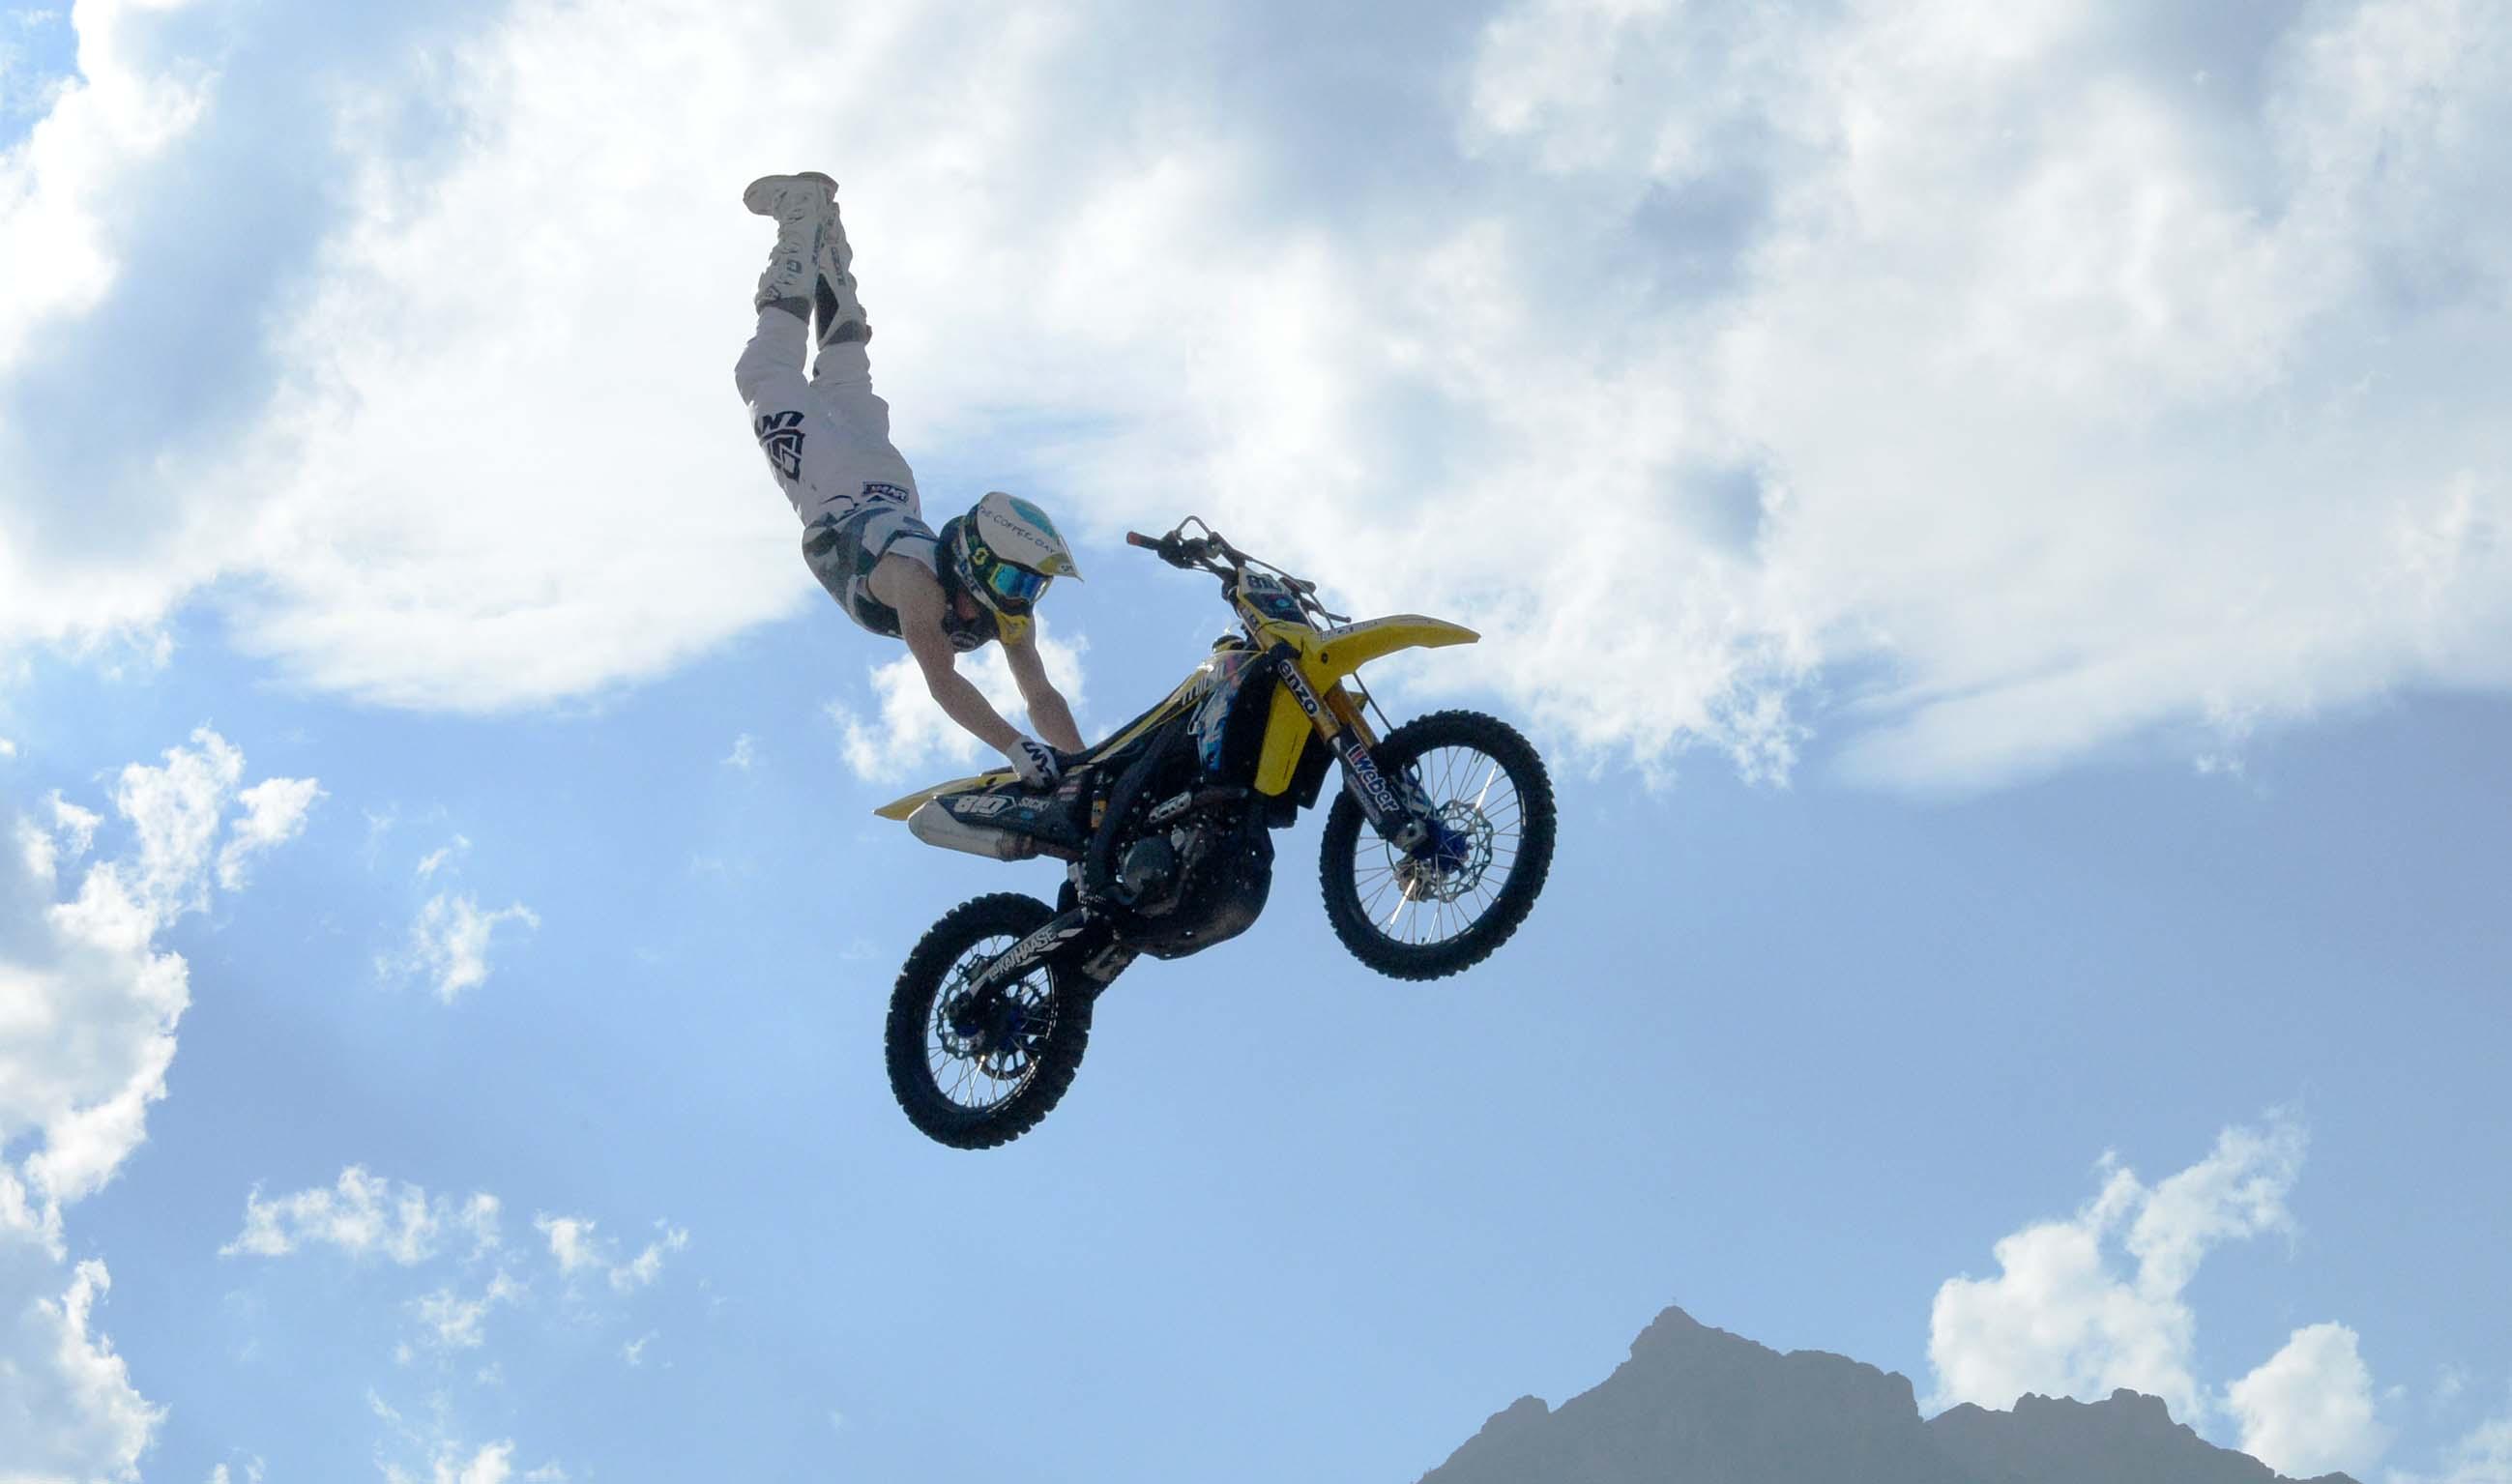 Bmw Motorrad Days In Garmisch Partenkirchen